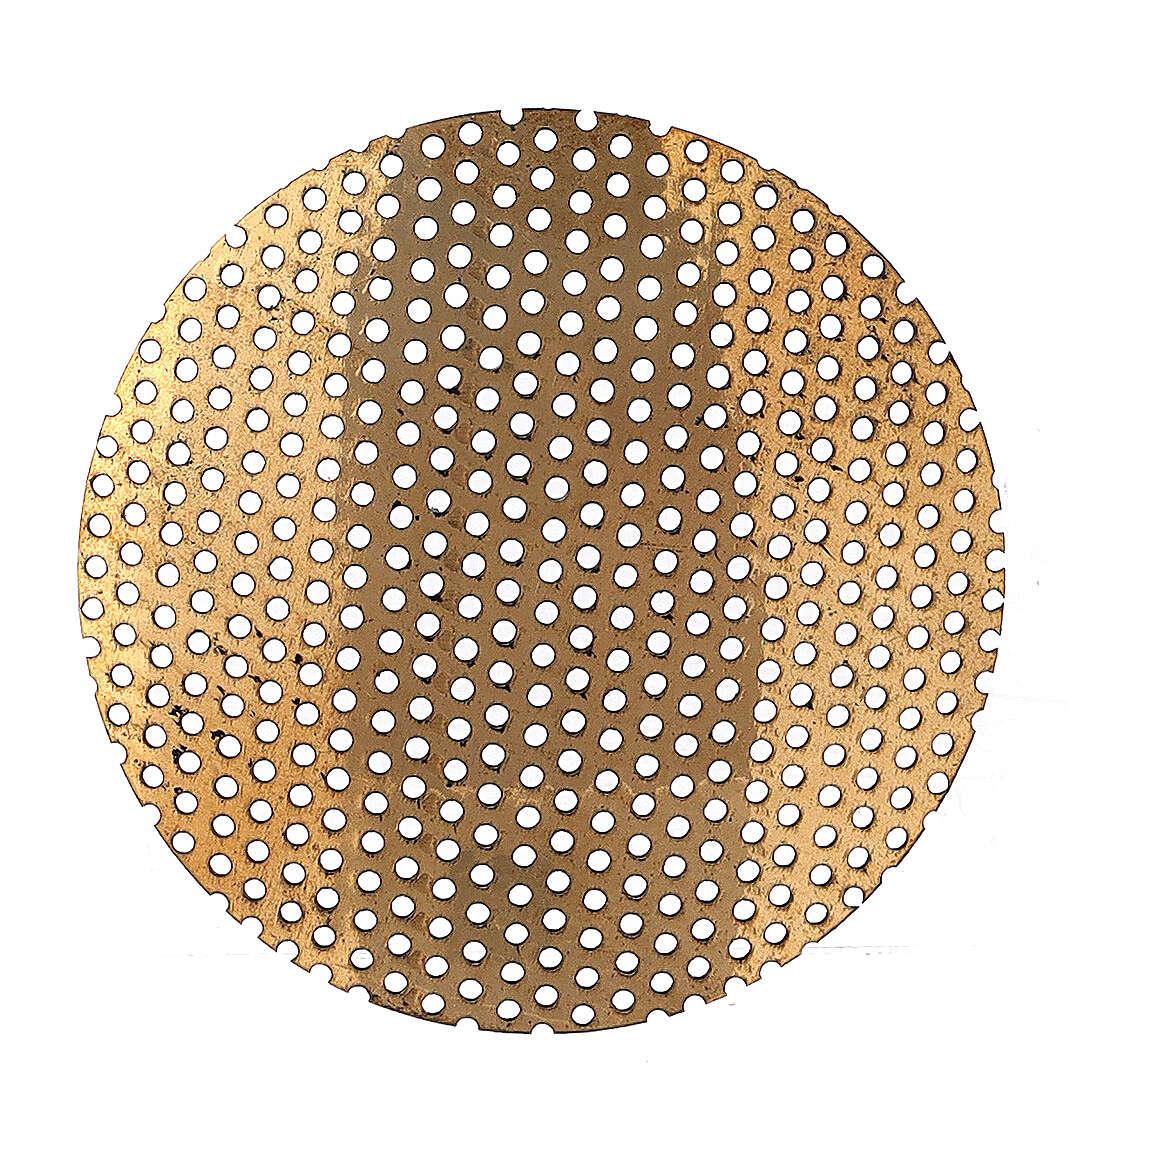 Ersatznetz fűr Weihrauchbrenner aus vergoldetem Messing, 5 cm 3